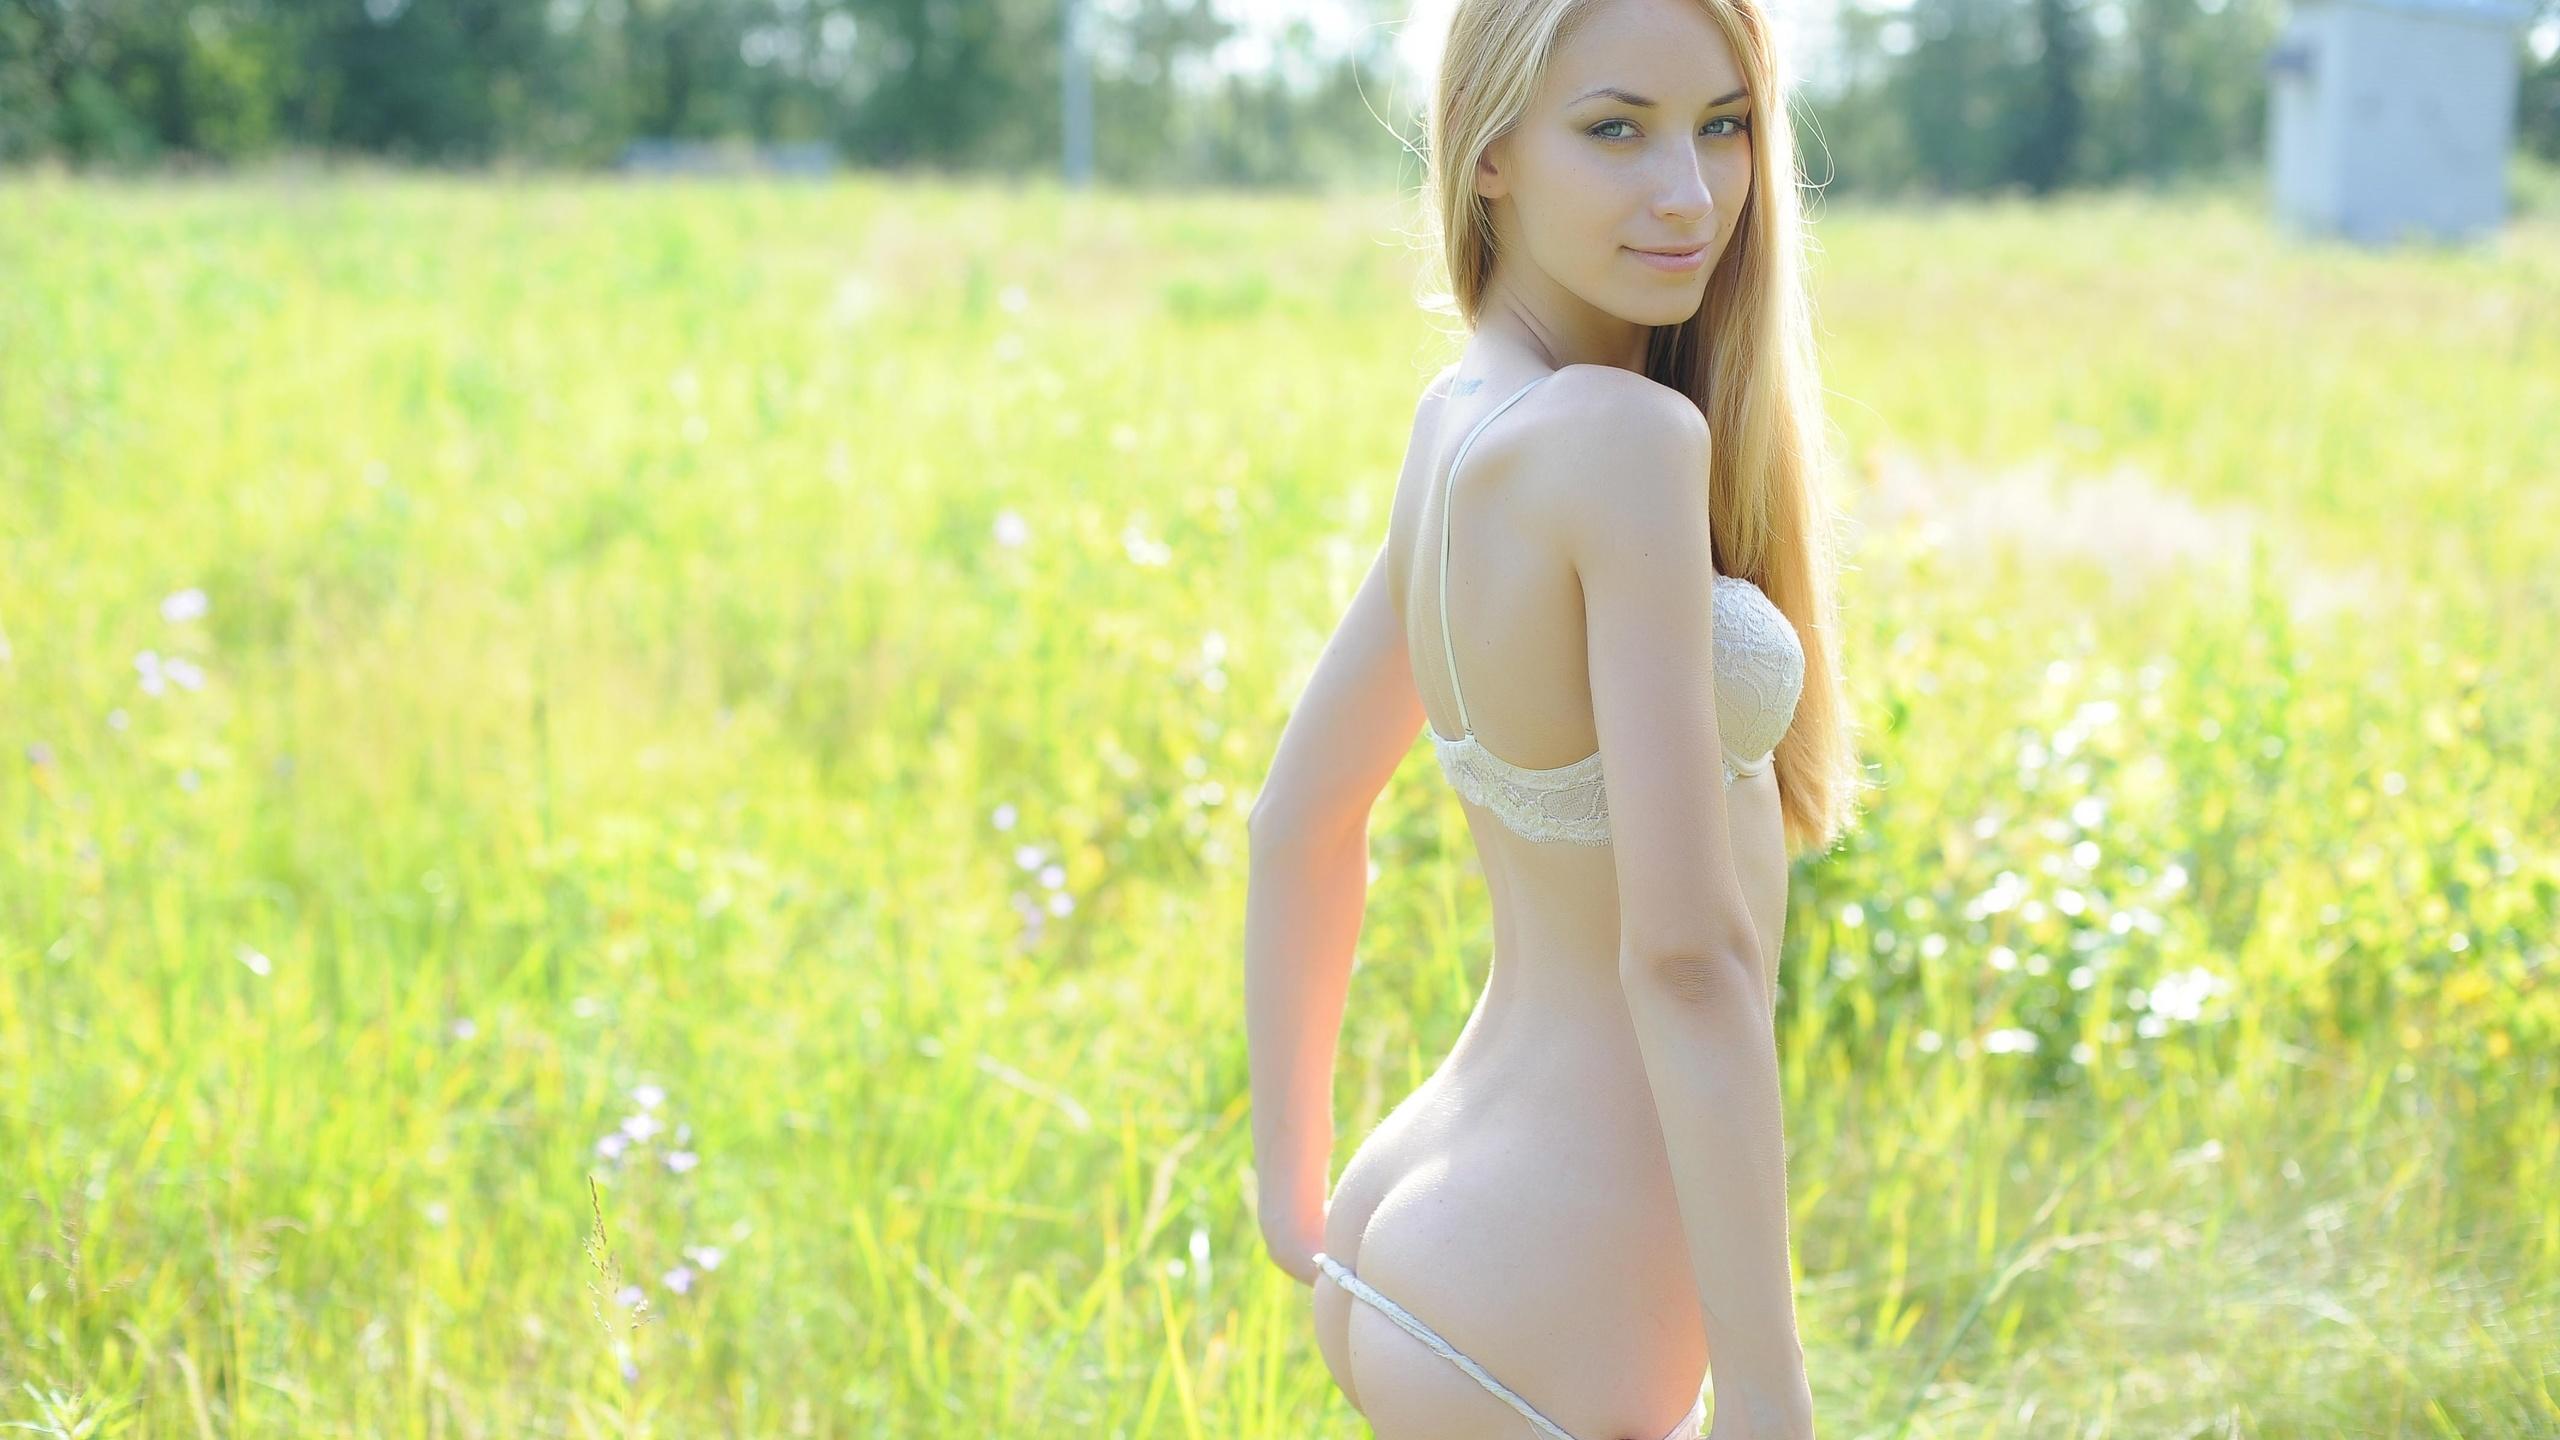 Про голых маладых девак, Молодые голые девушки - смотреть фото красивых 26 фотография